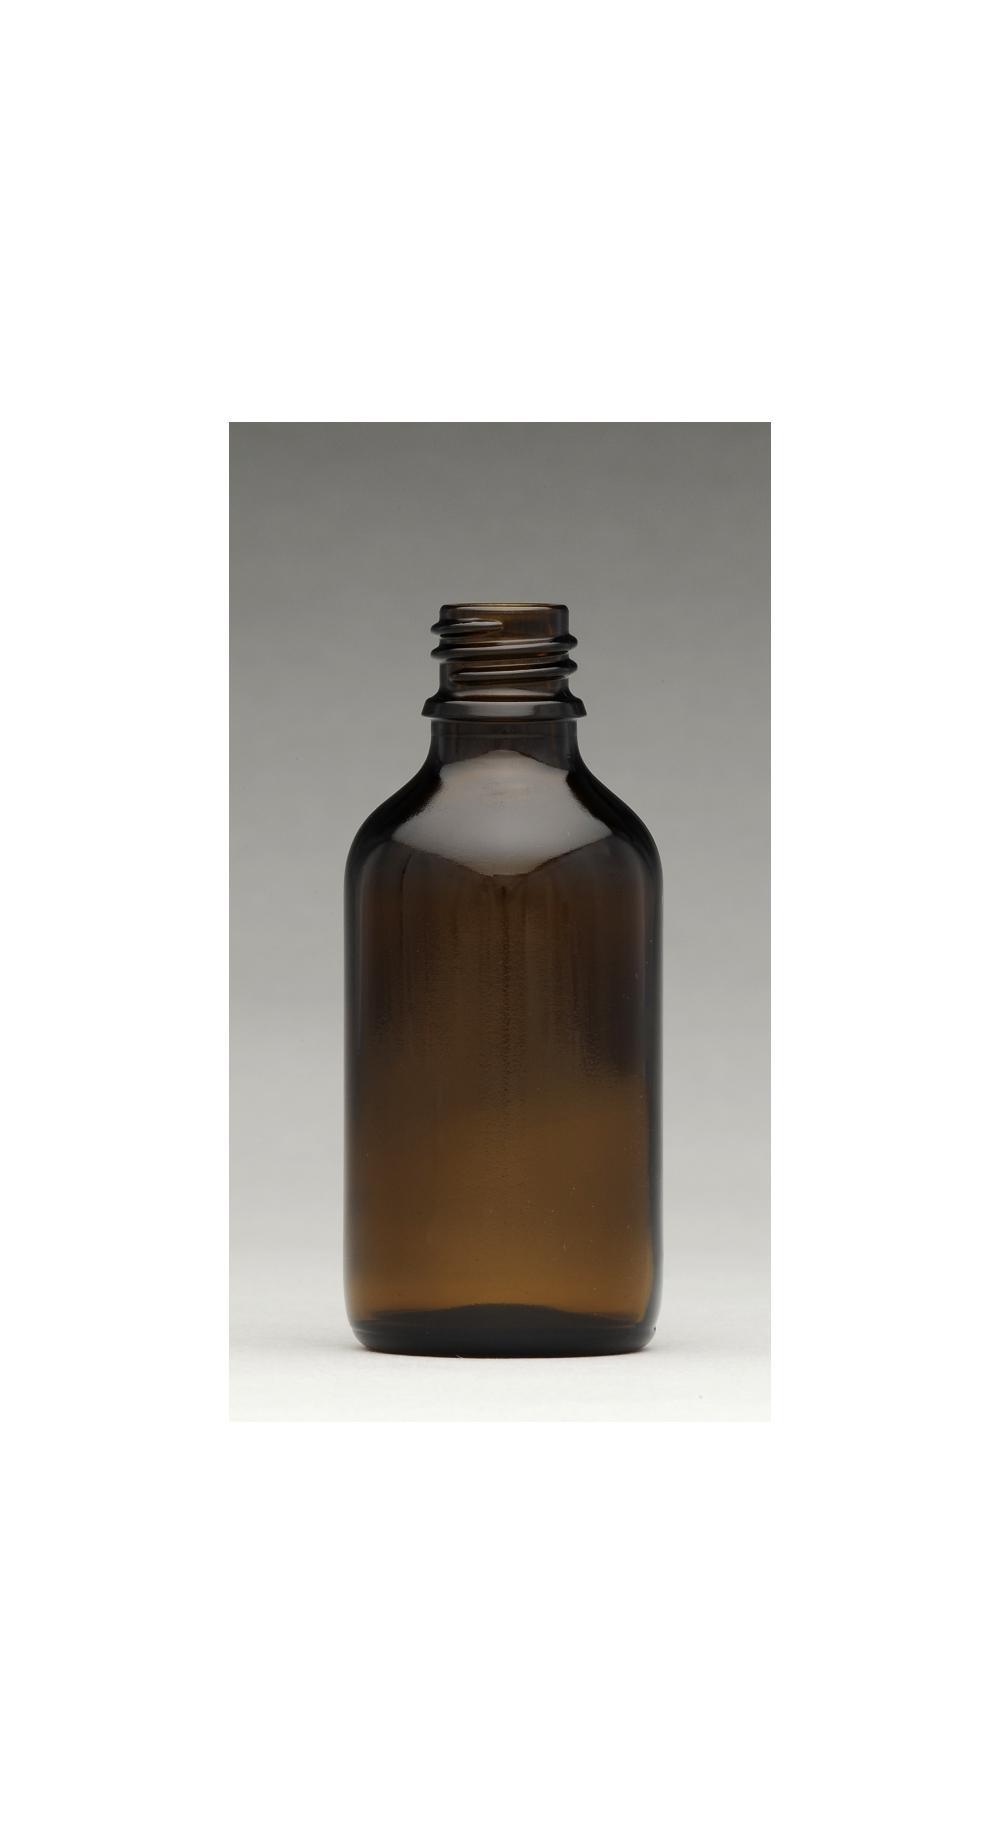 Lahev hnědé sklo 50 ml